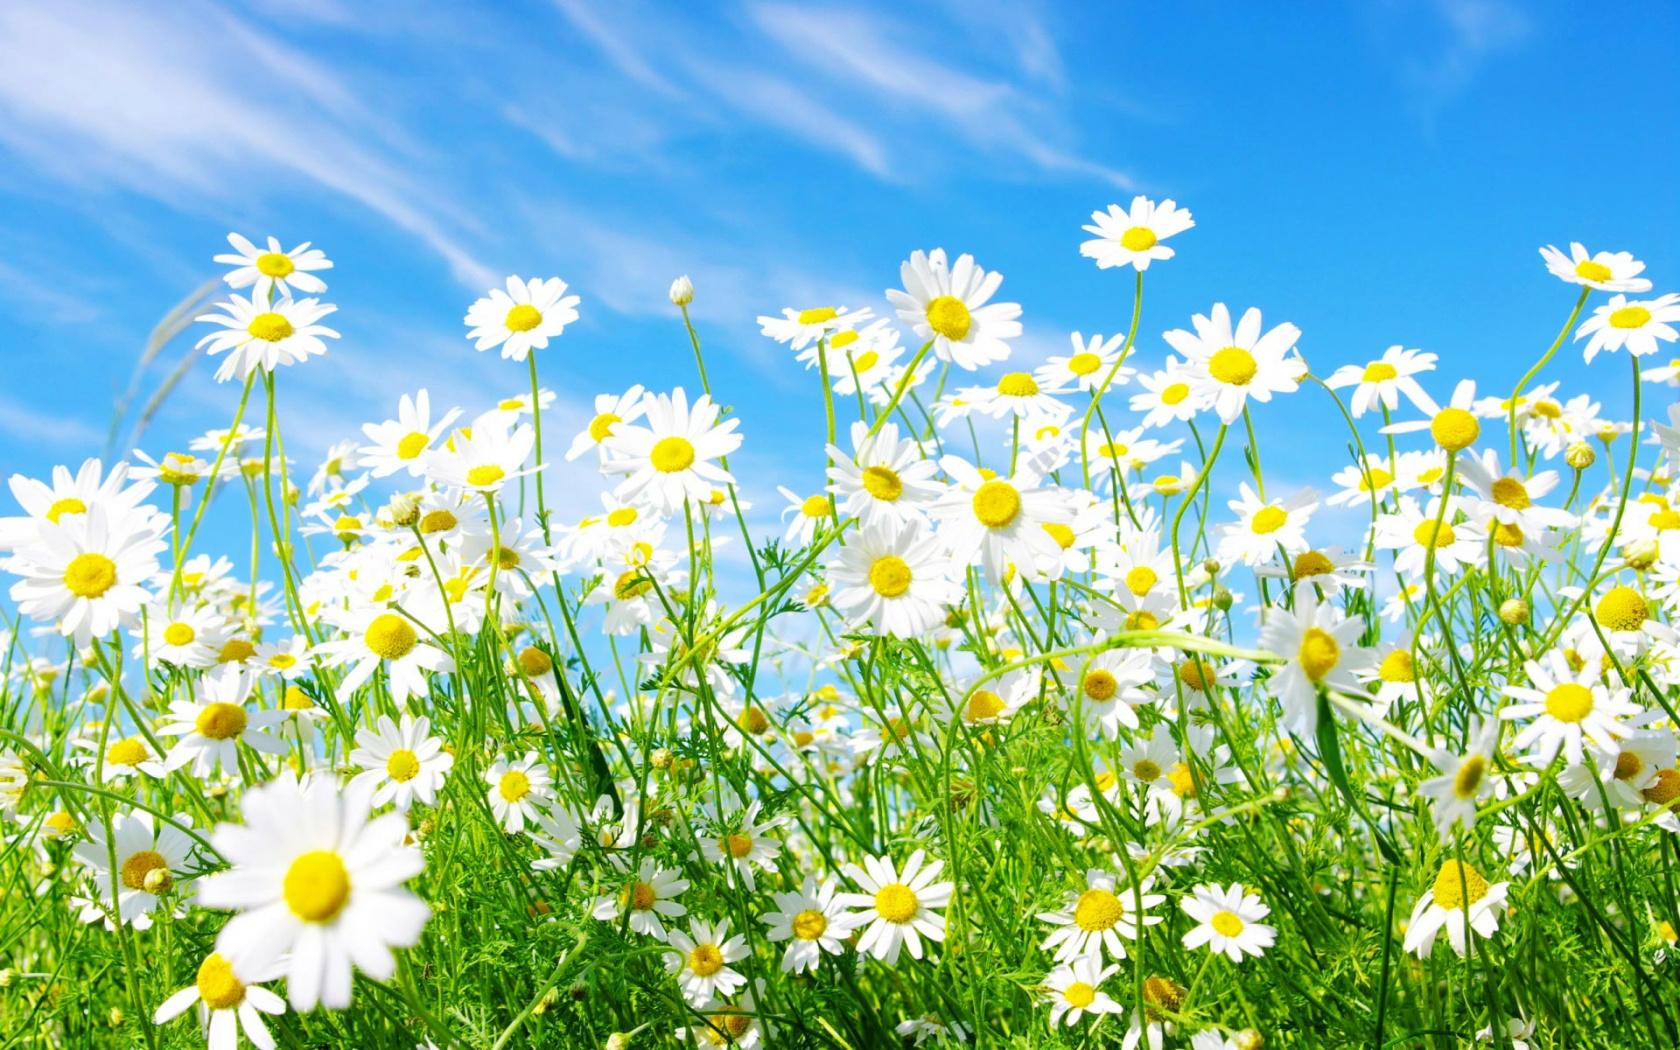 Hình ảnh hoa cỏ mùa xuân đẹp nhất